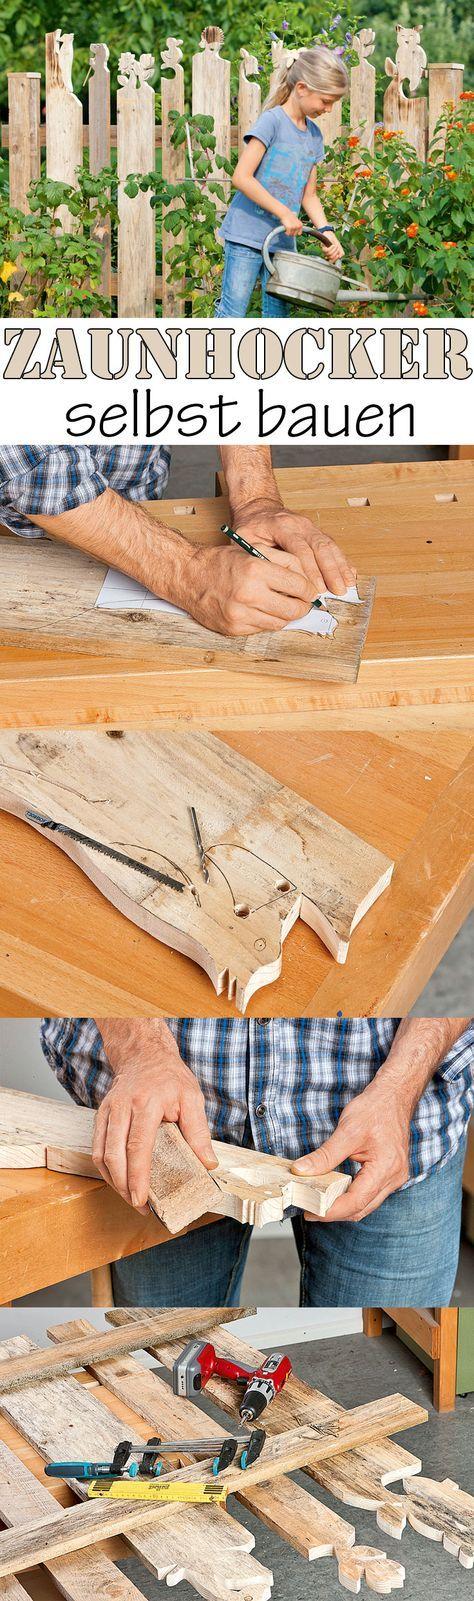 Zaun individuell gestalten – mit Zaunhockern. Wir zeigen Schritt für Schritt, wie du einen Holzzaun mit Zaunhockern bauen kannst. Sieht doch viel schöner aus als ein simpler Lattenzaun.